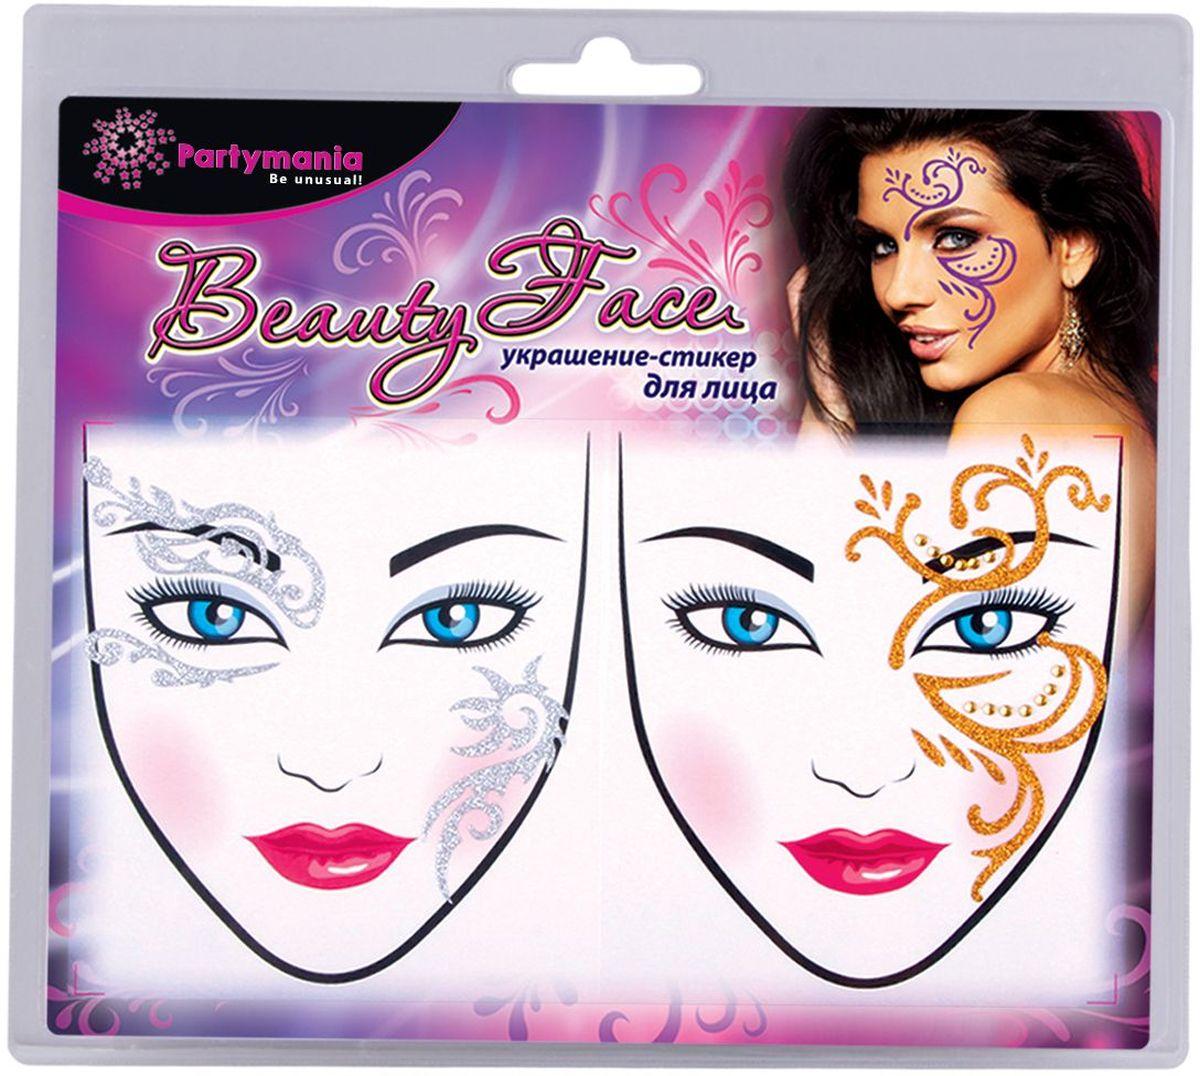 Partymania Украшение-стикер для лица Beauty face T0805 цвет белая,оранжевая